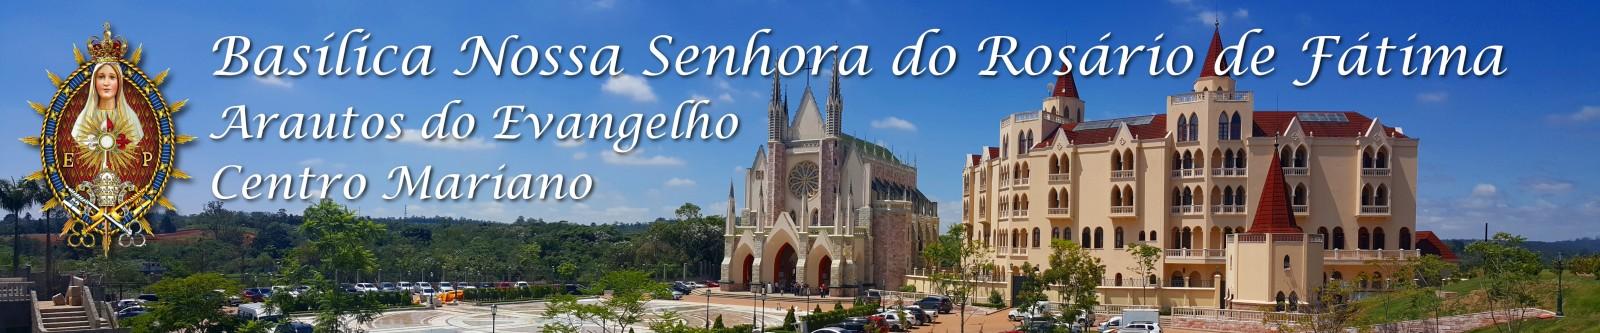 Basílica N. Sra. do Rosário de Fátima - Arautos do Evangelho - Granja Viana